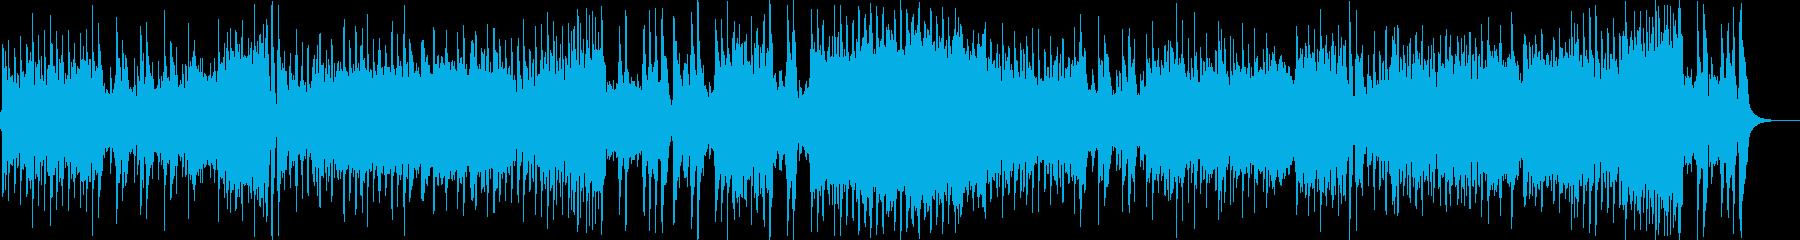 モーツァルトのピアノソナタをギターでの再生済みの波形